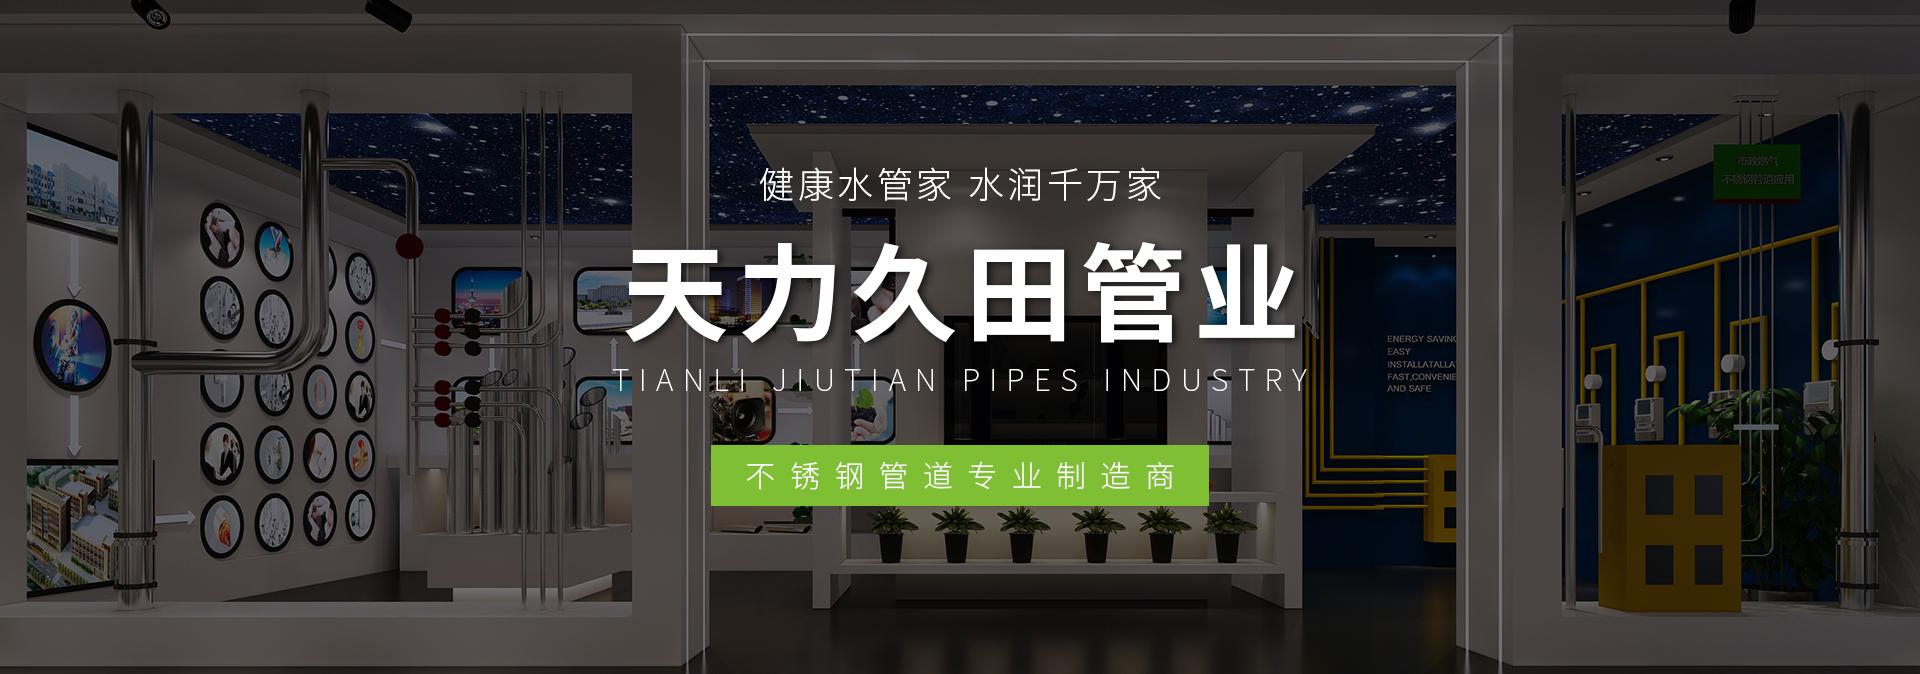 天力久田管业产品展厅